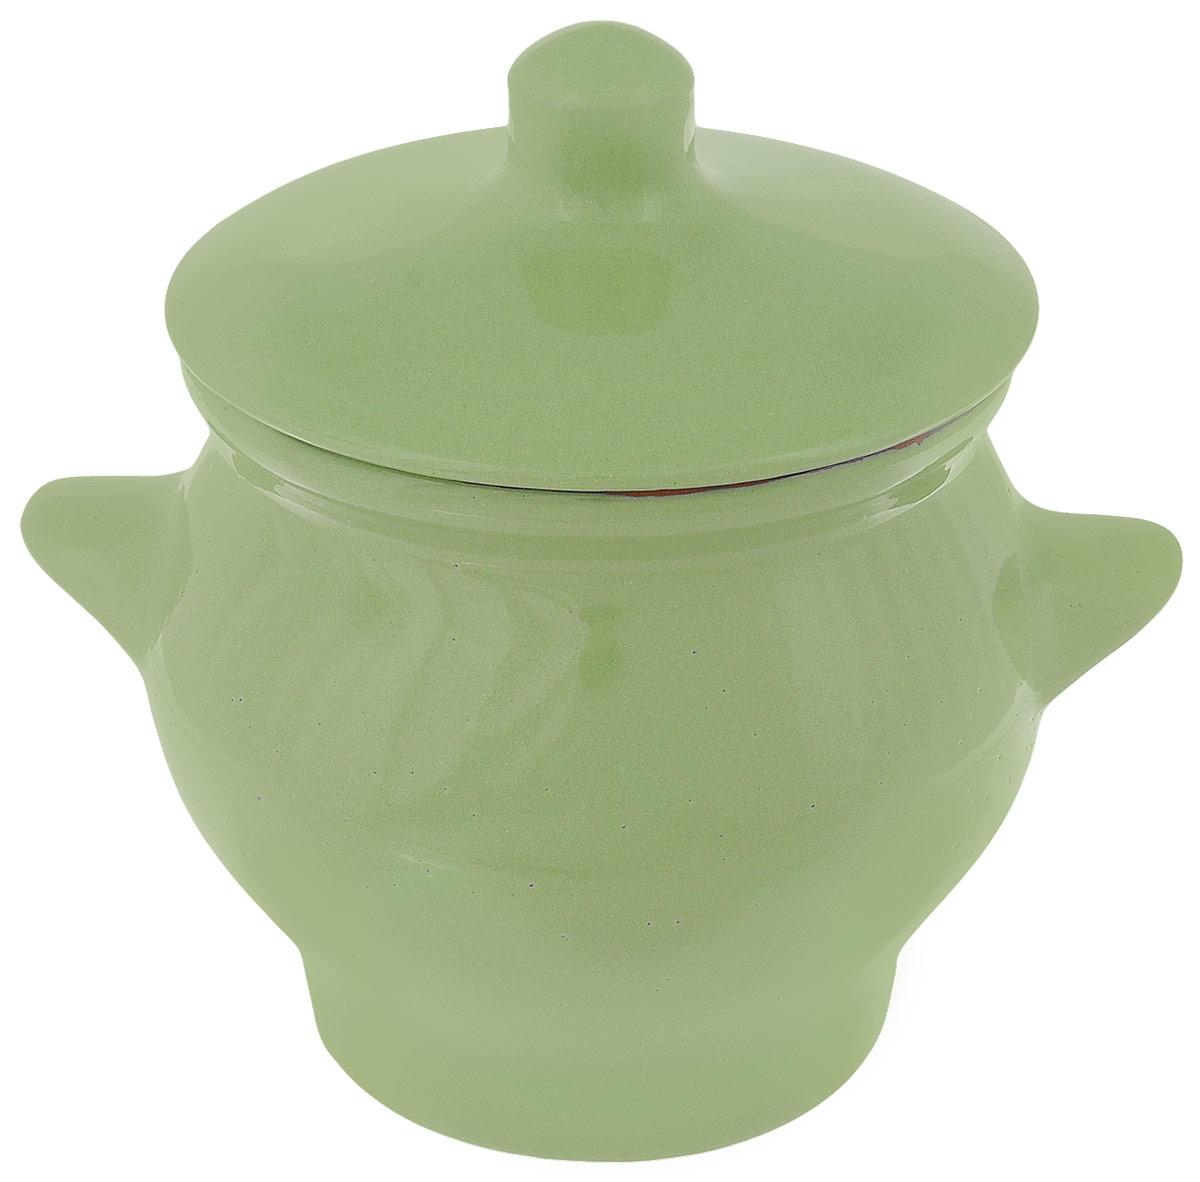 Горшок для жаркого Борисовская керамика Радуга, цвет: салатовый, 650 мл391602Горшок для жаркого Борисовская керамика Радуга, цвет: салатовый, 650 мл